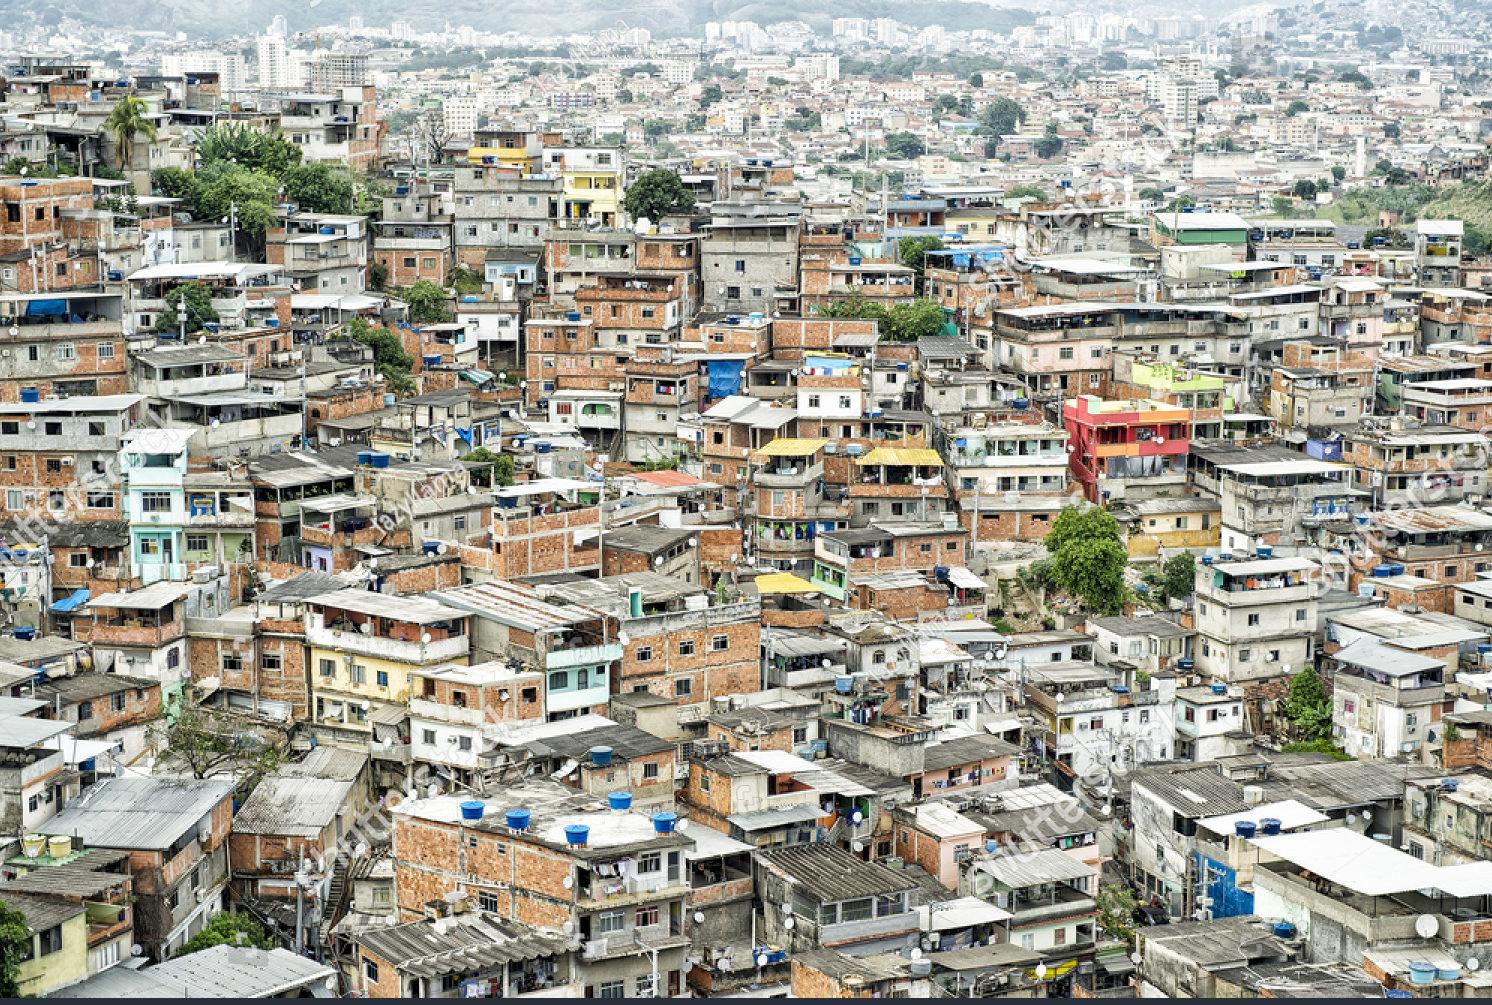 Ciudades en crisis